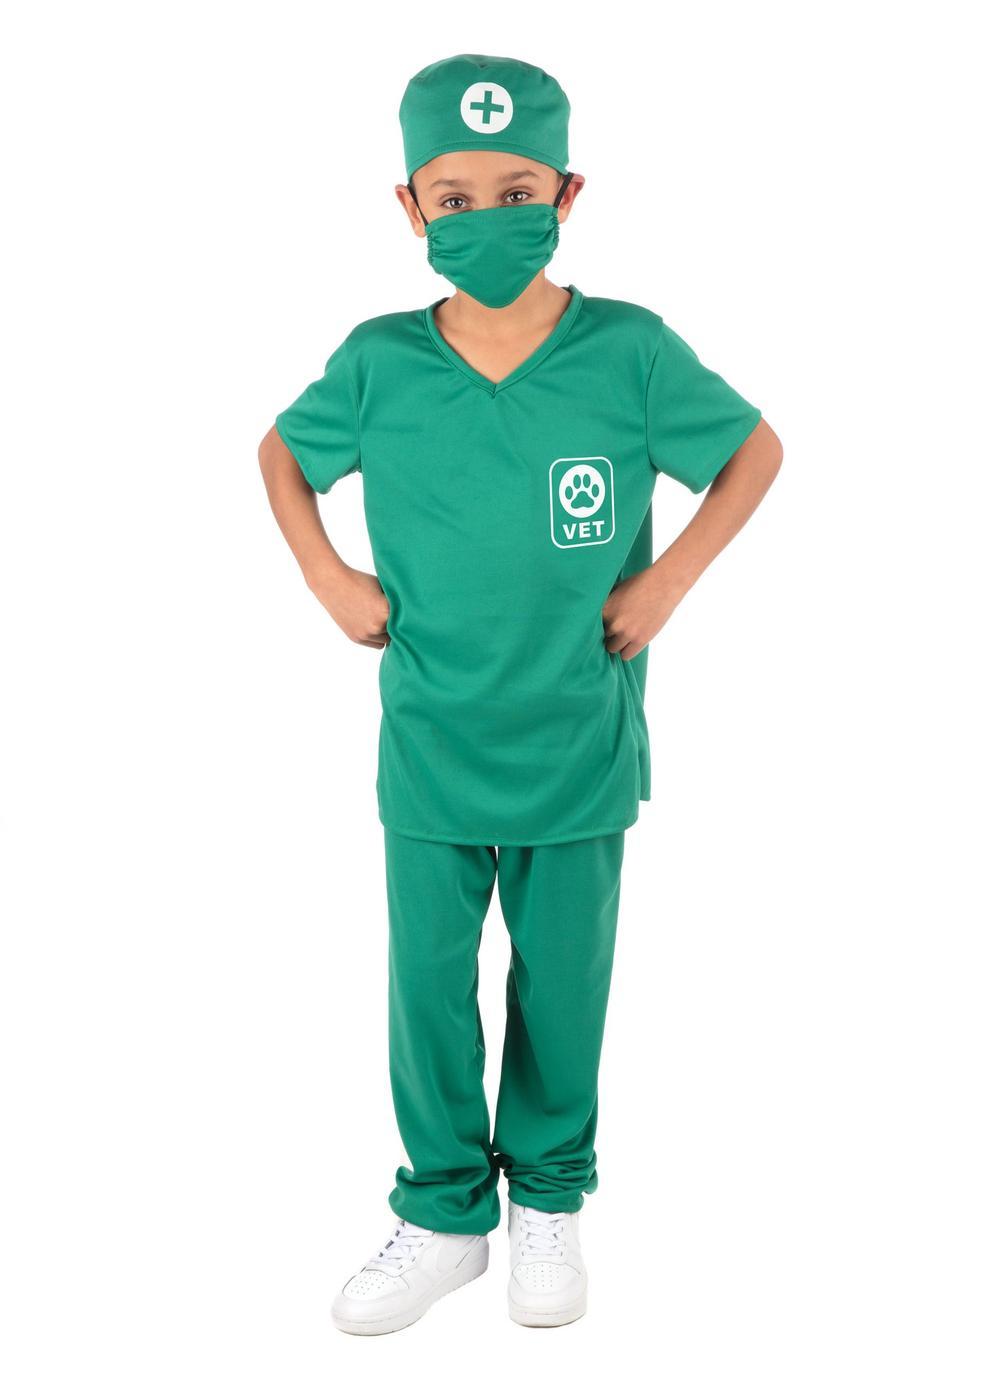 Kids Unisex Vet Costume